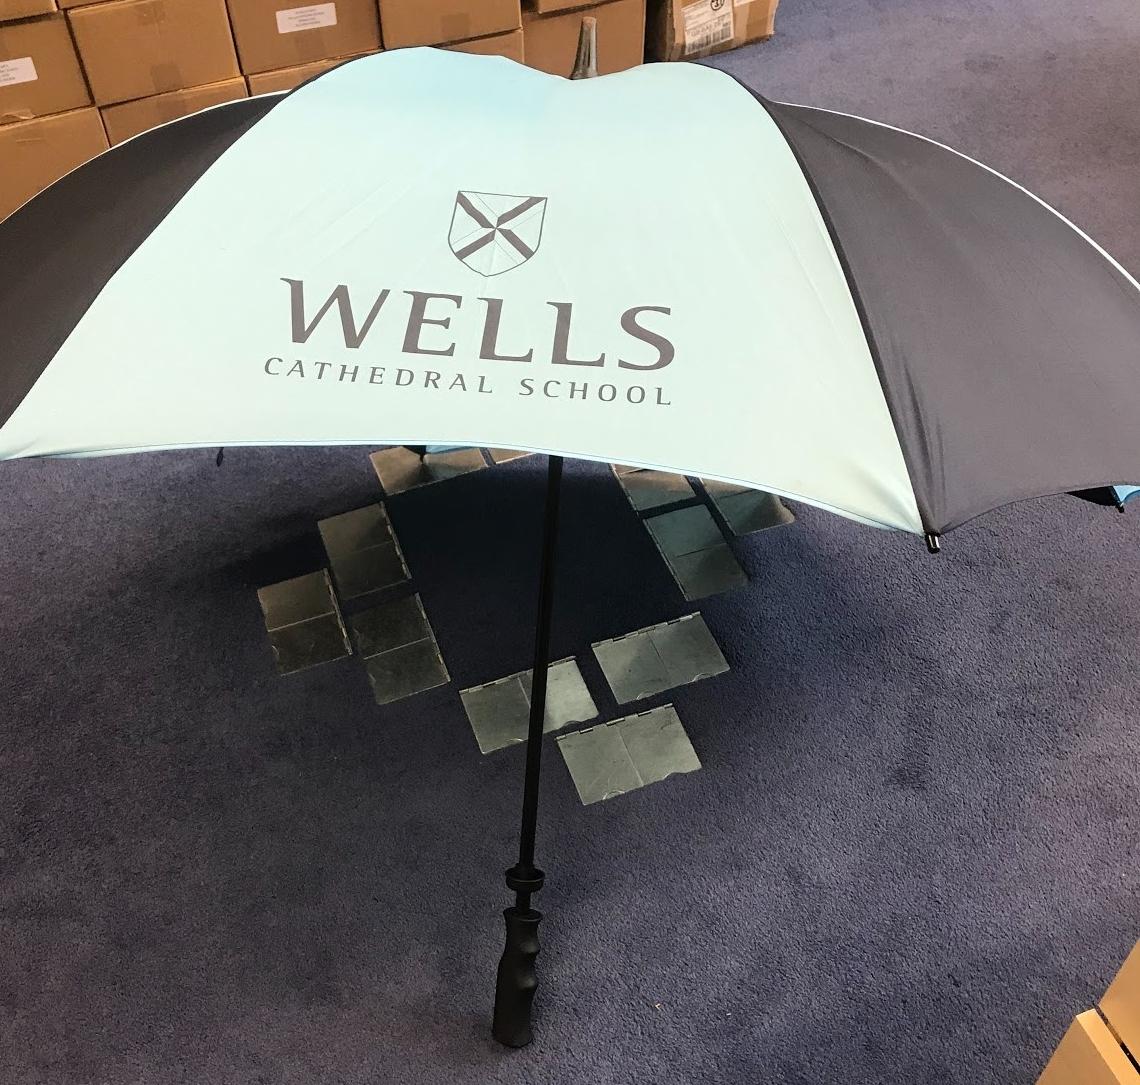 Wells Cathedral School Umbrella